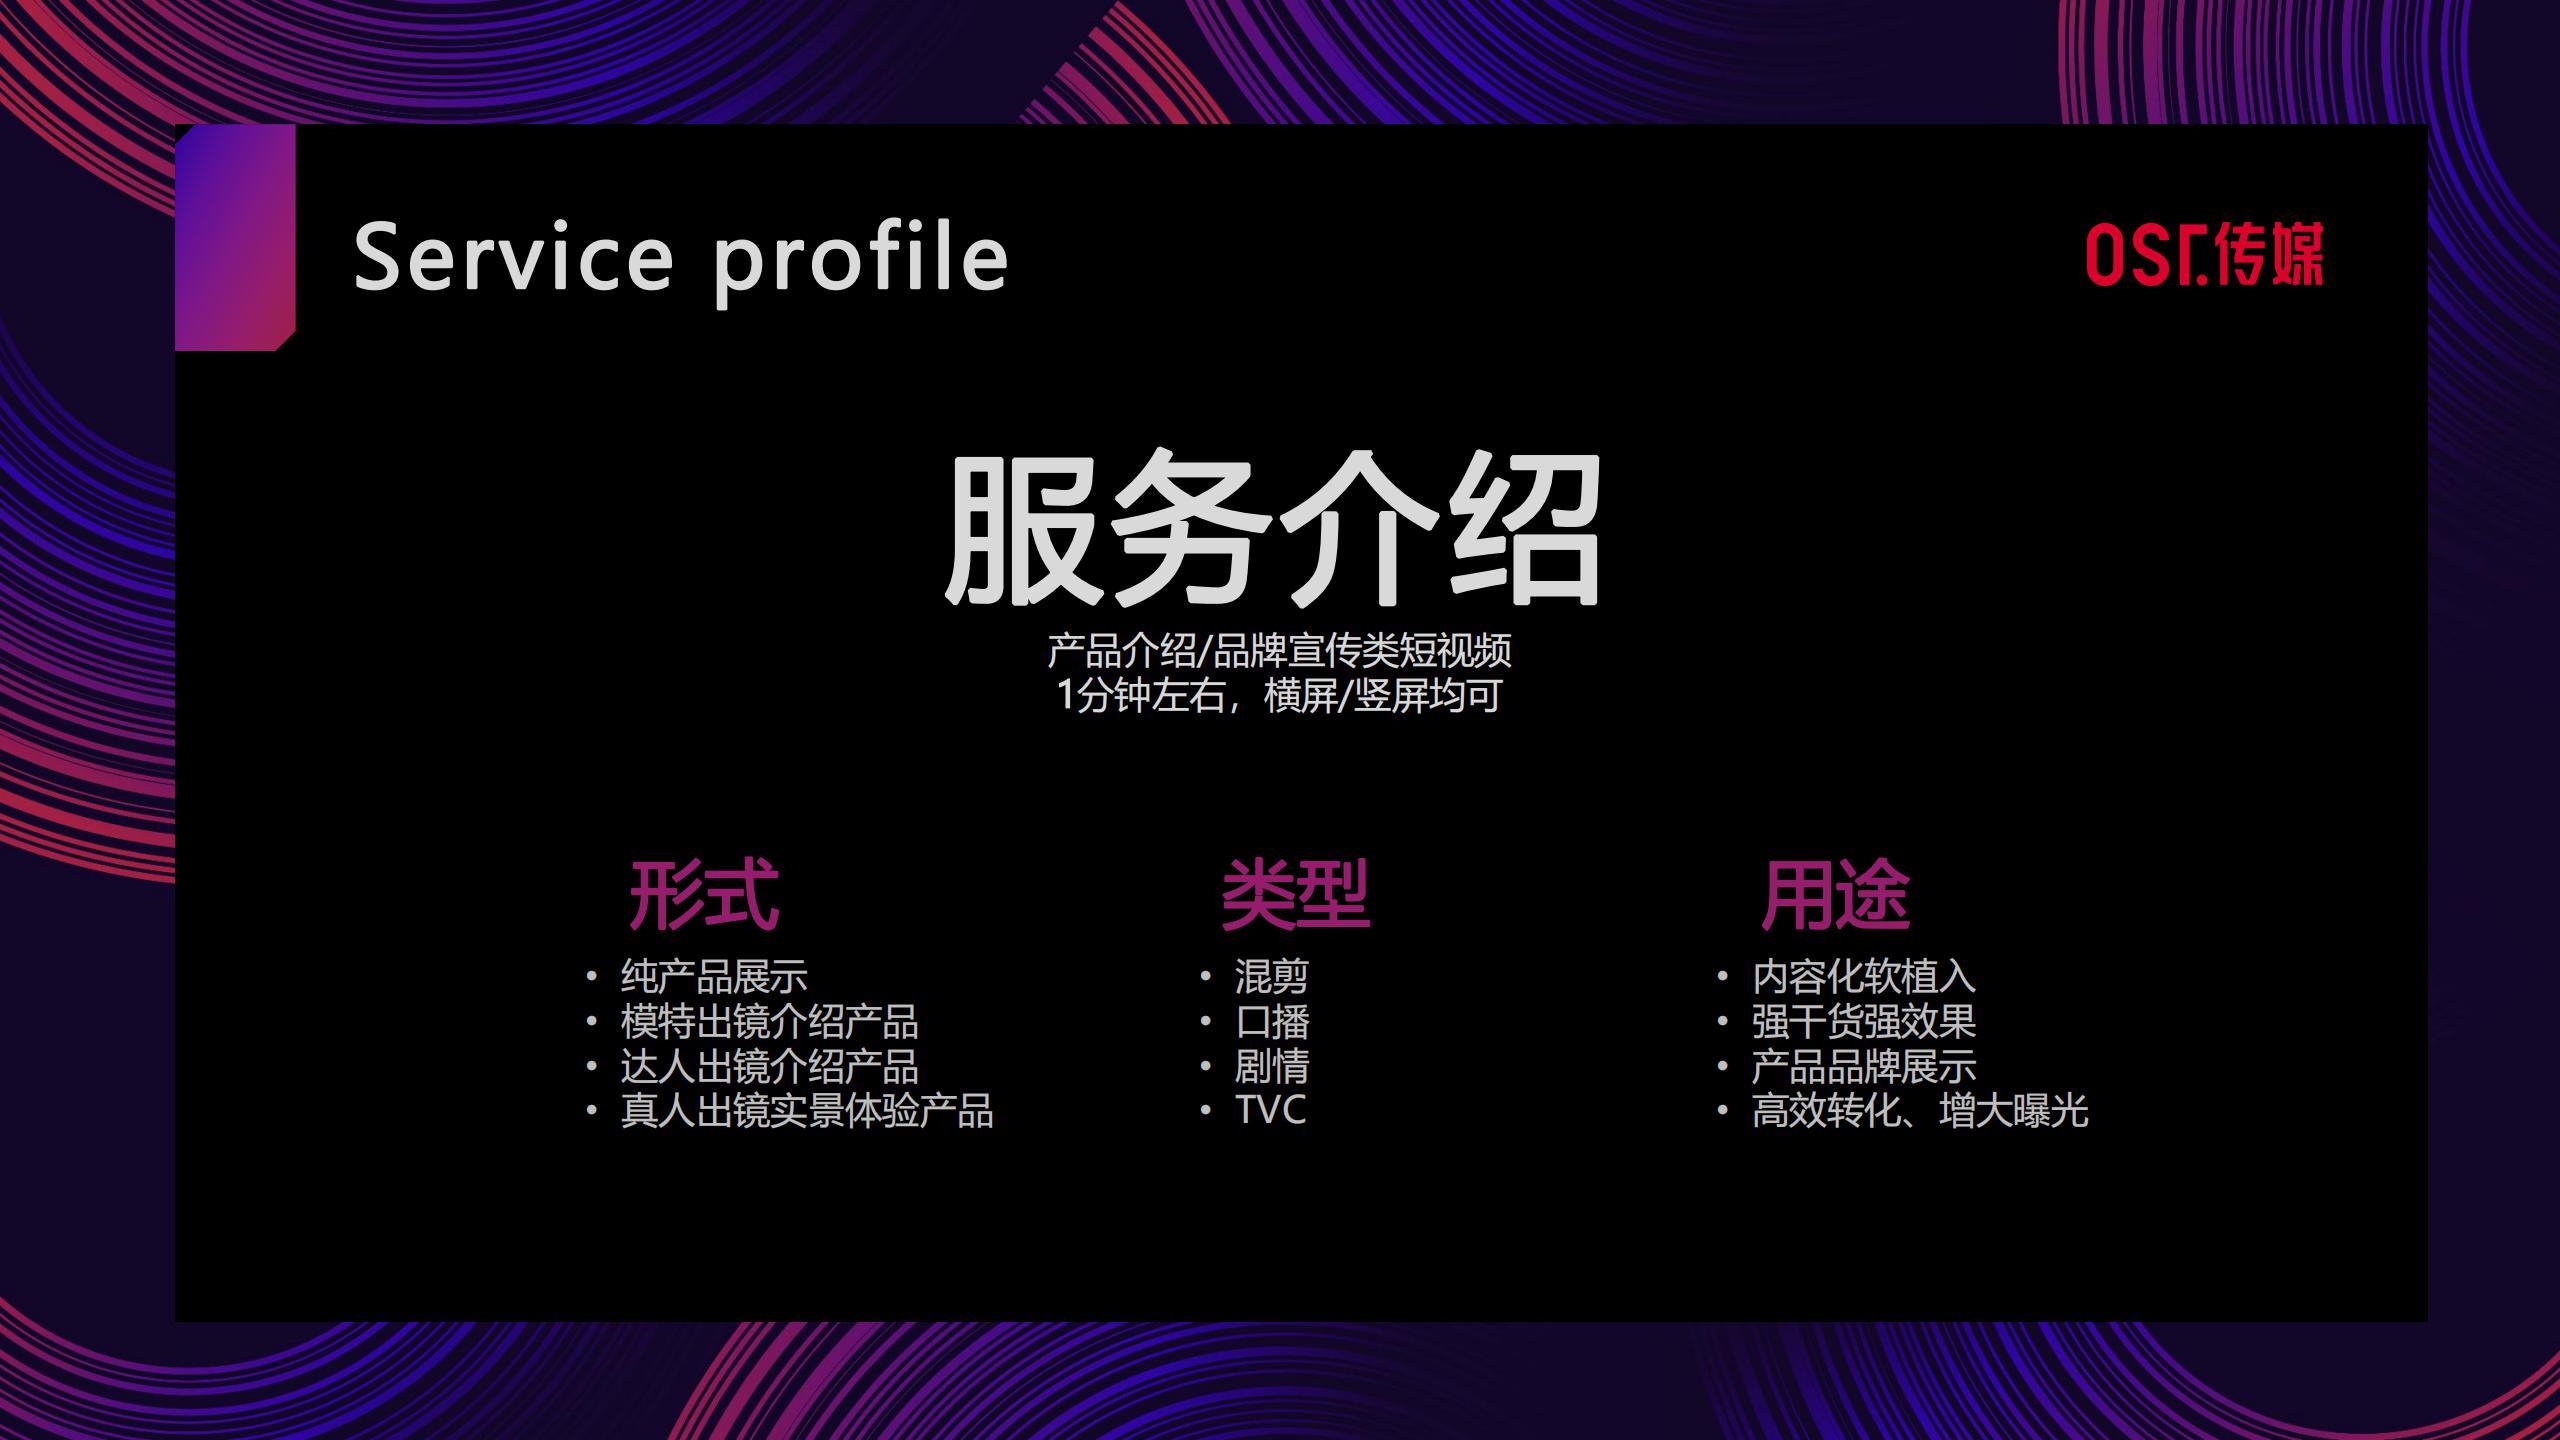 OST传媒短视频服务介绍第8张